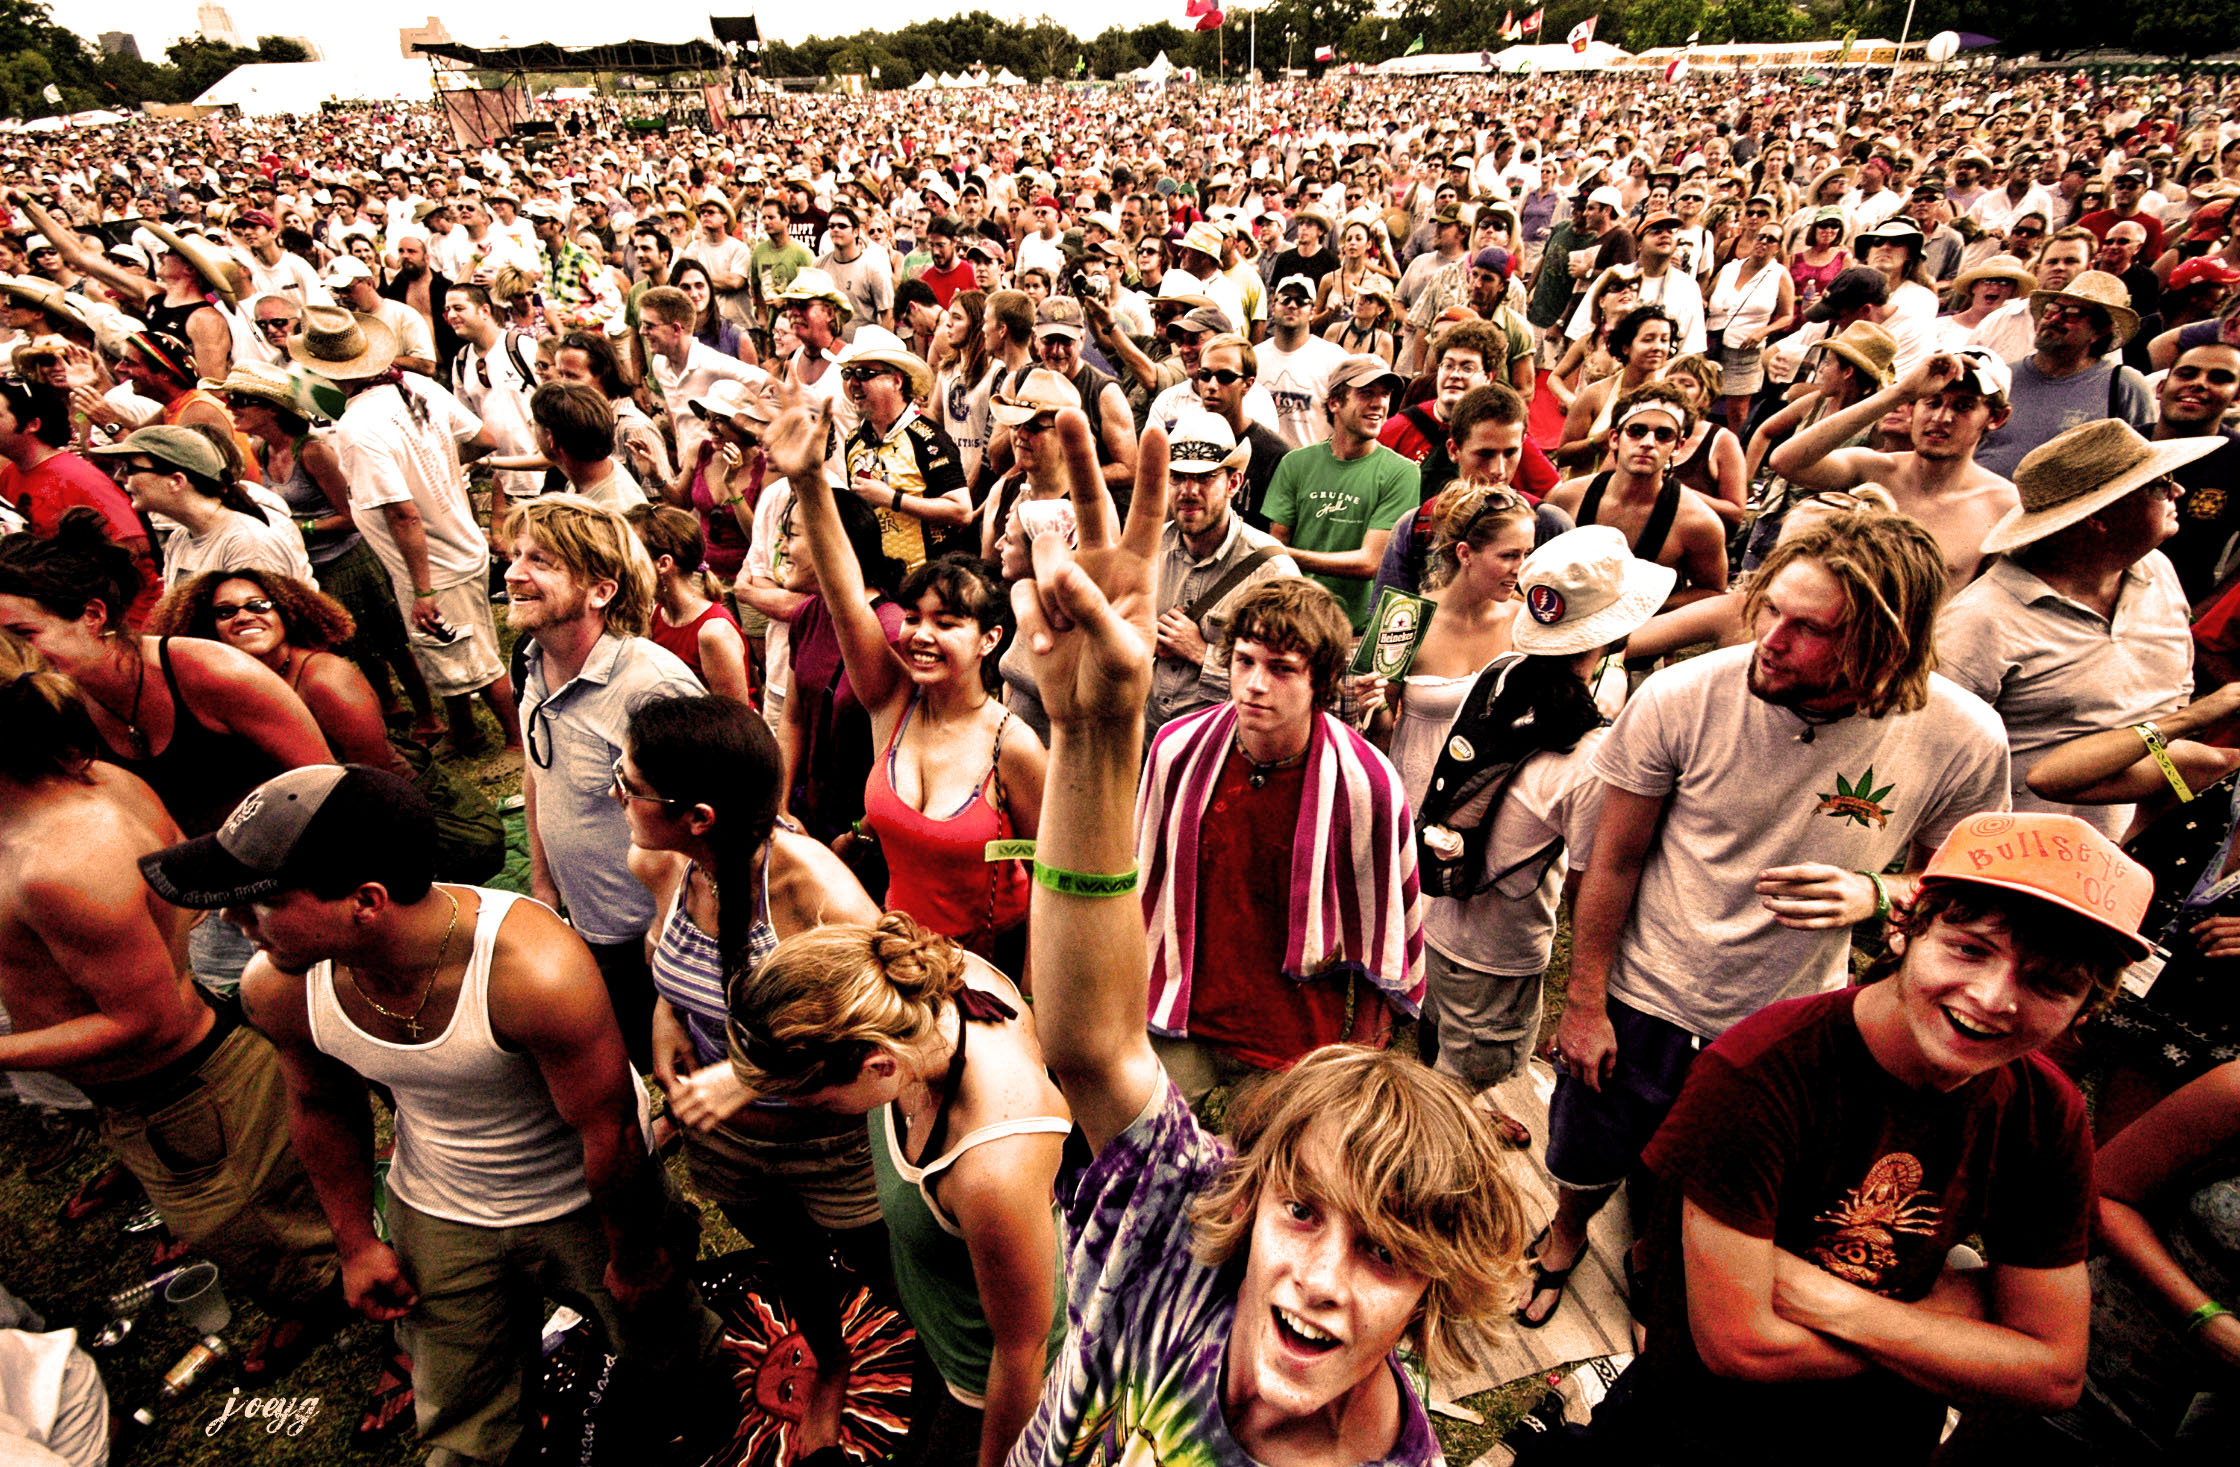 Vaping at Festivals